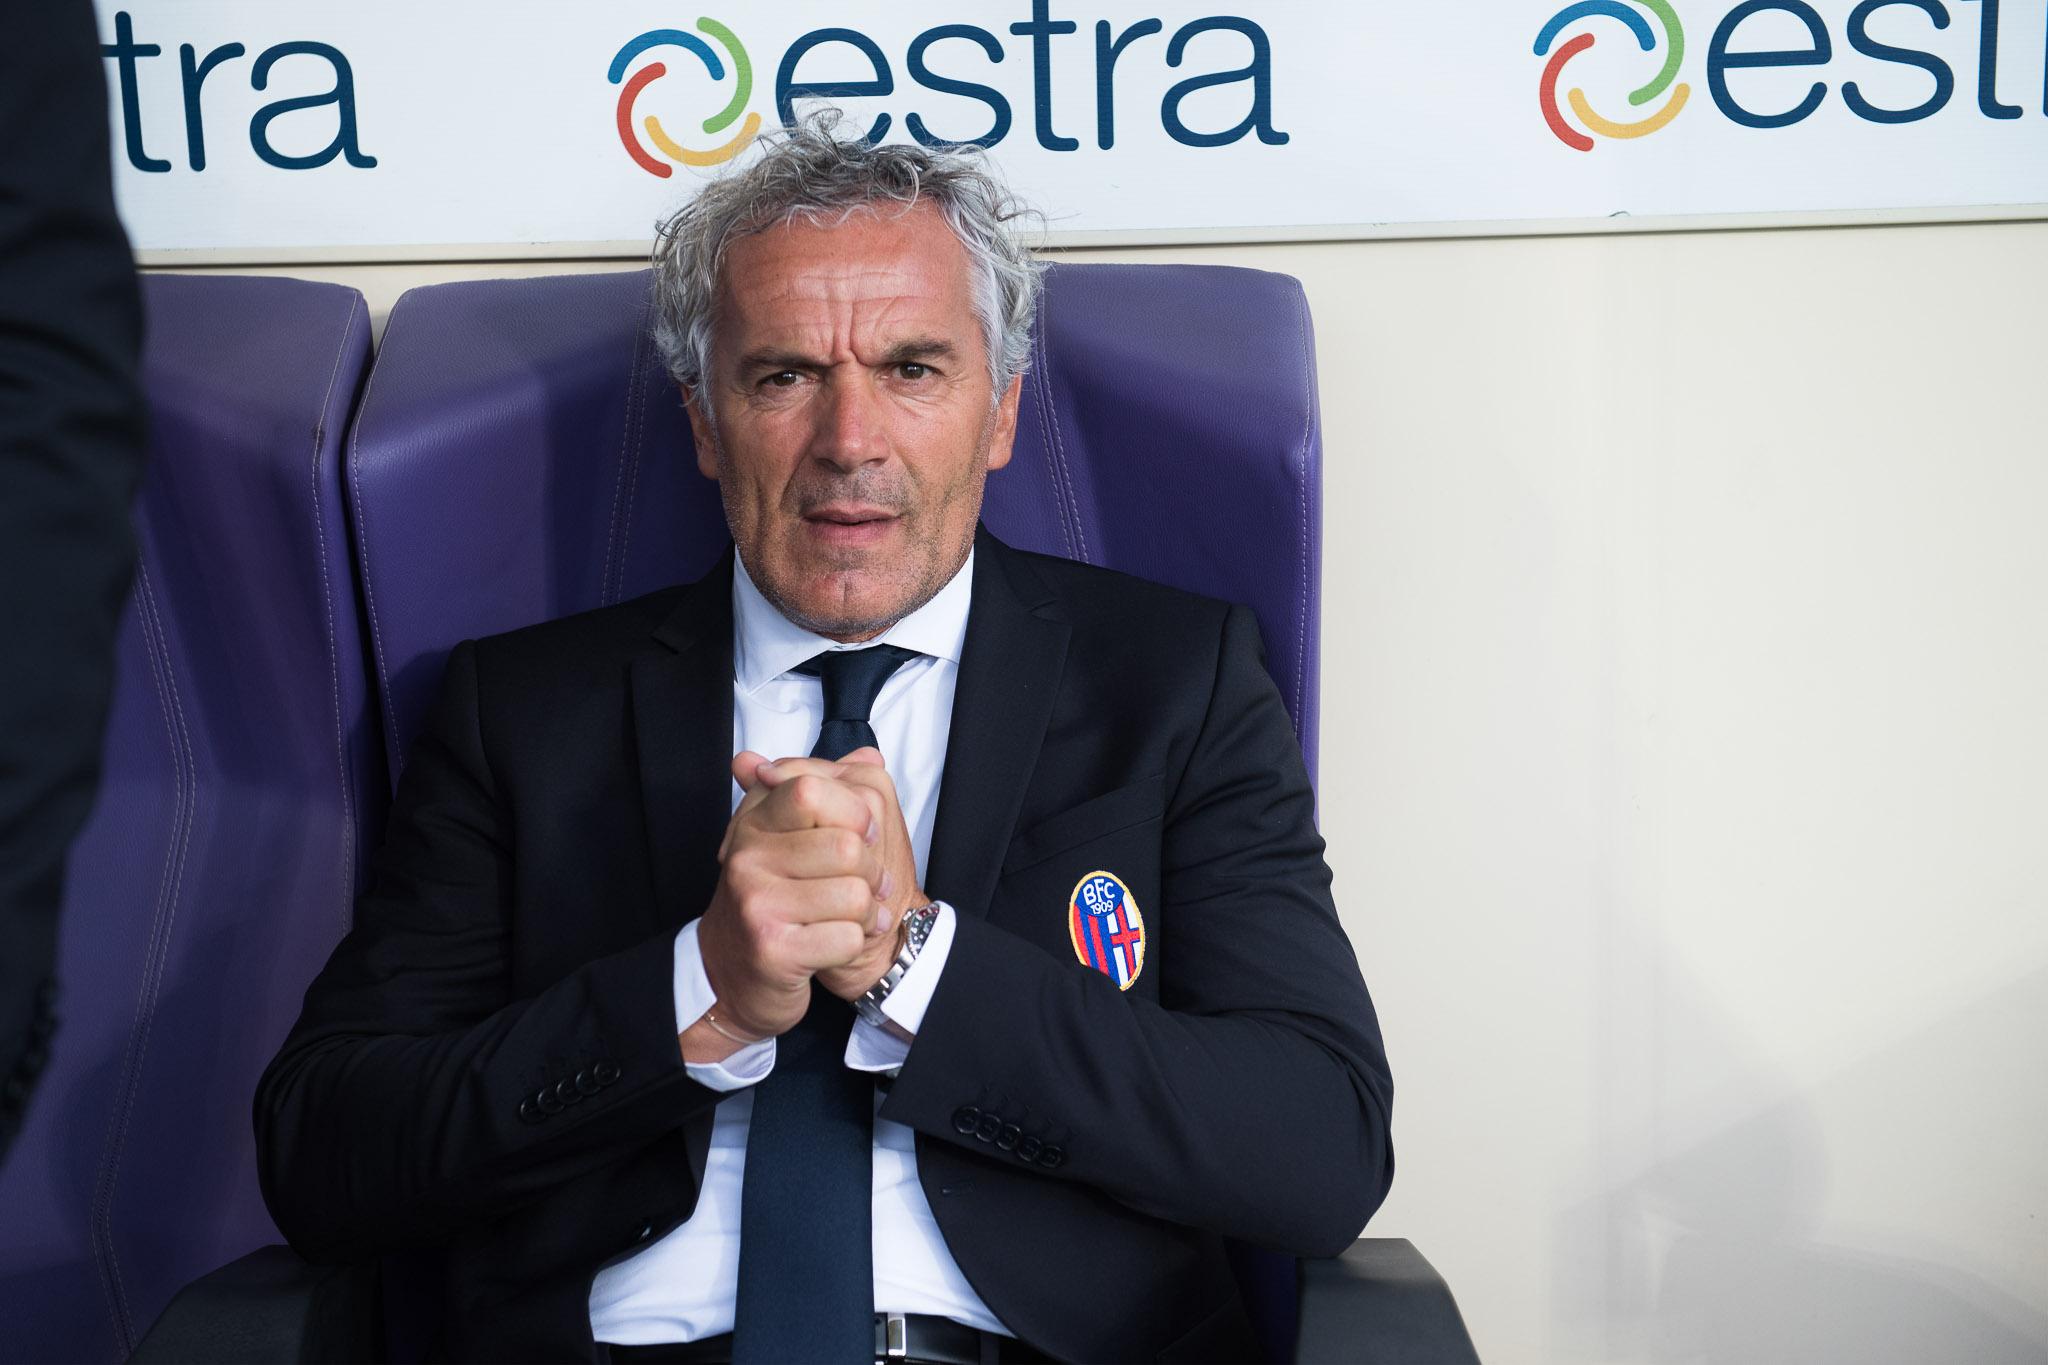 """Donadoni: """"Firenze e la Fiorentina meritano molto di più. Andrei molto volentieri sulla panchina viola"""""""